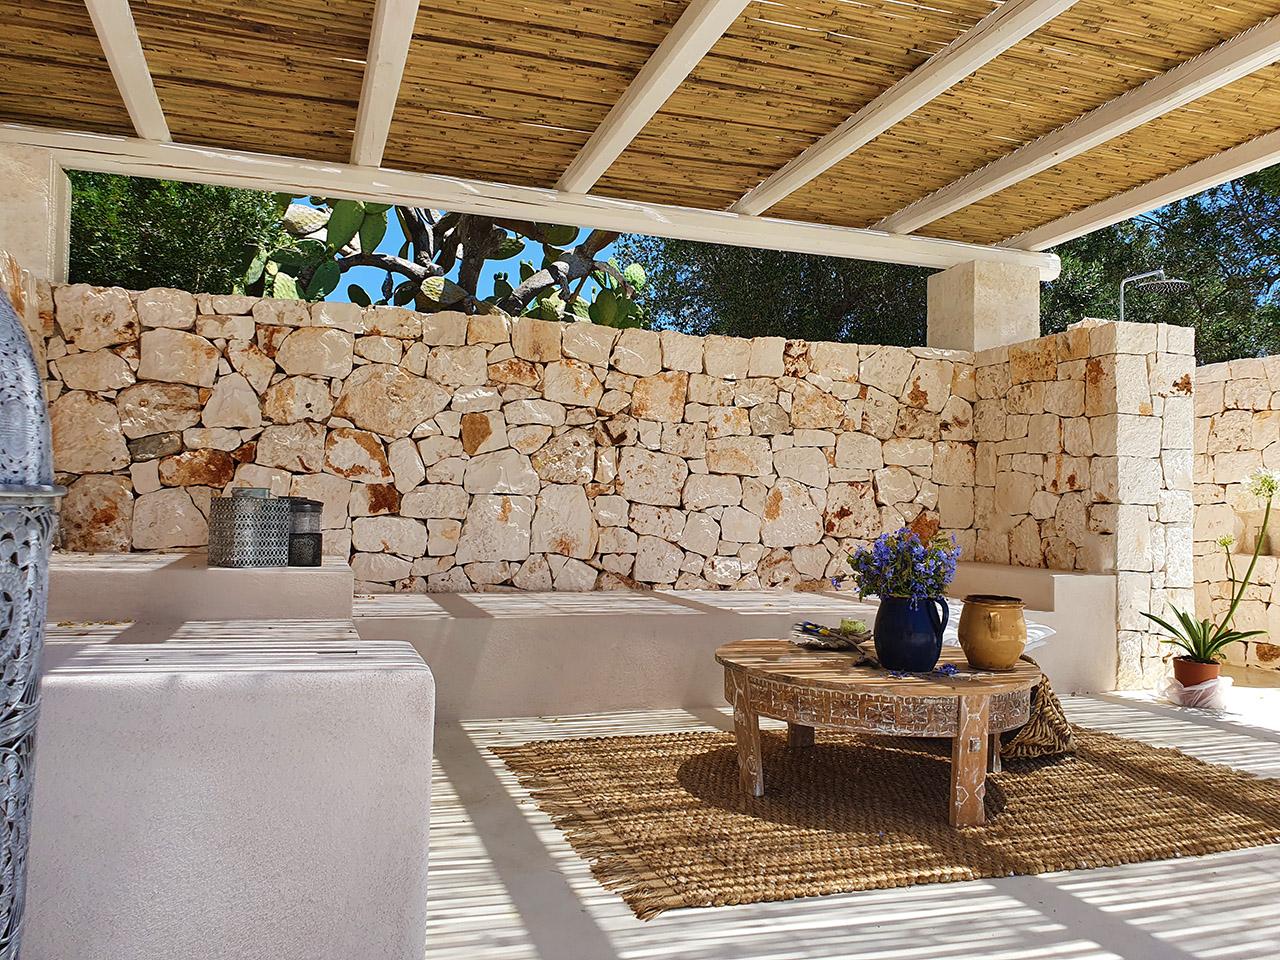 costruzioni restauri sirio ostuni residenza privata cervarolo ostuni 20200701 125523